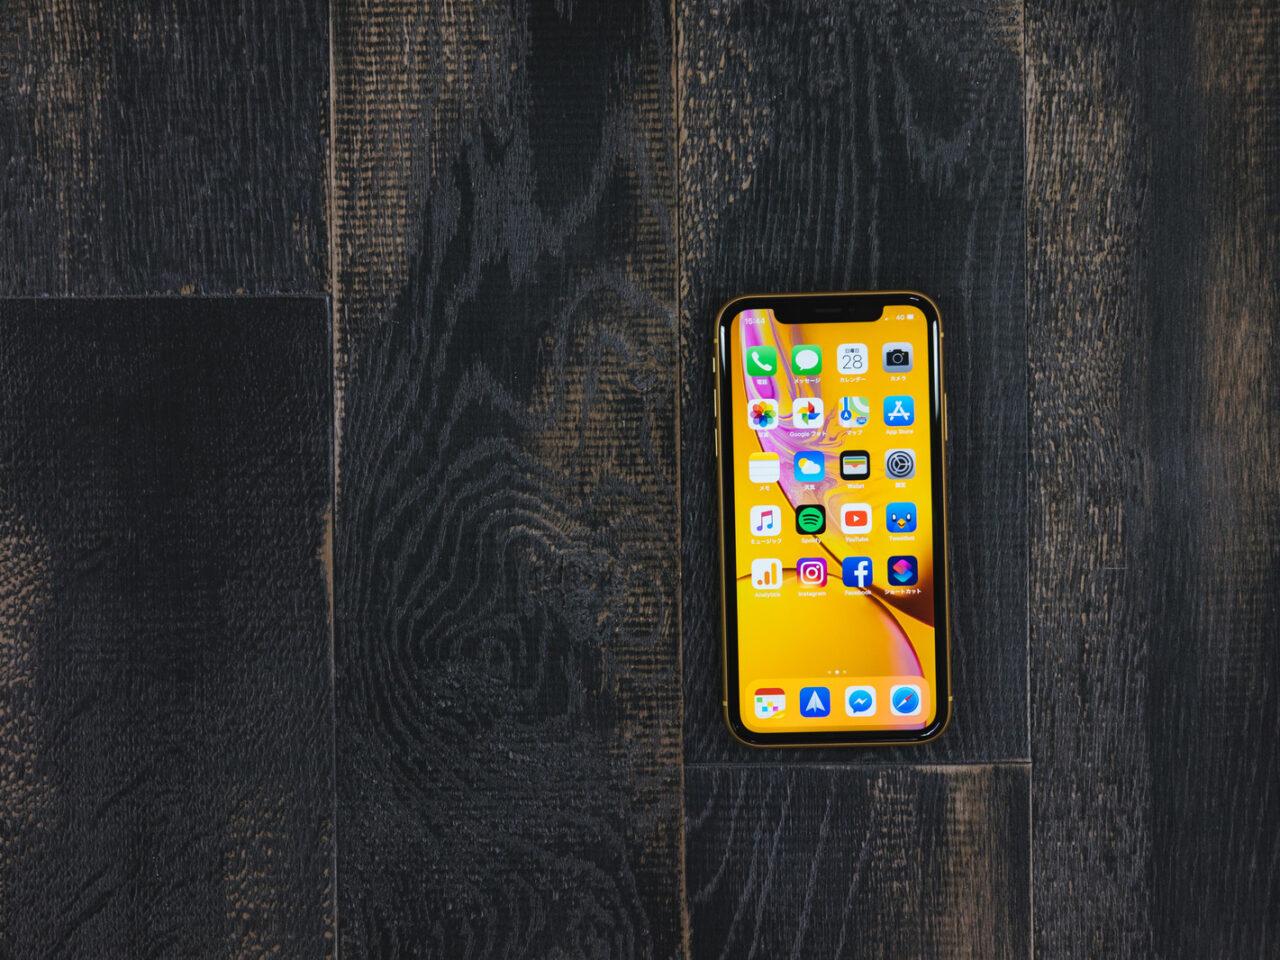 iPhoneのスマートスタックの使い方&やり方を解説!【iOS14のウィジェット】のサムネイル画像